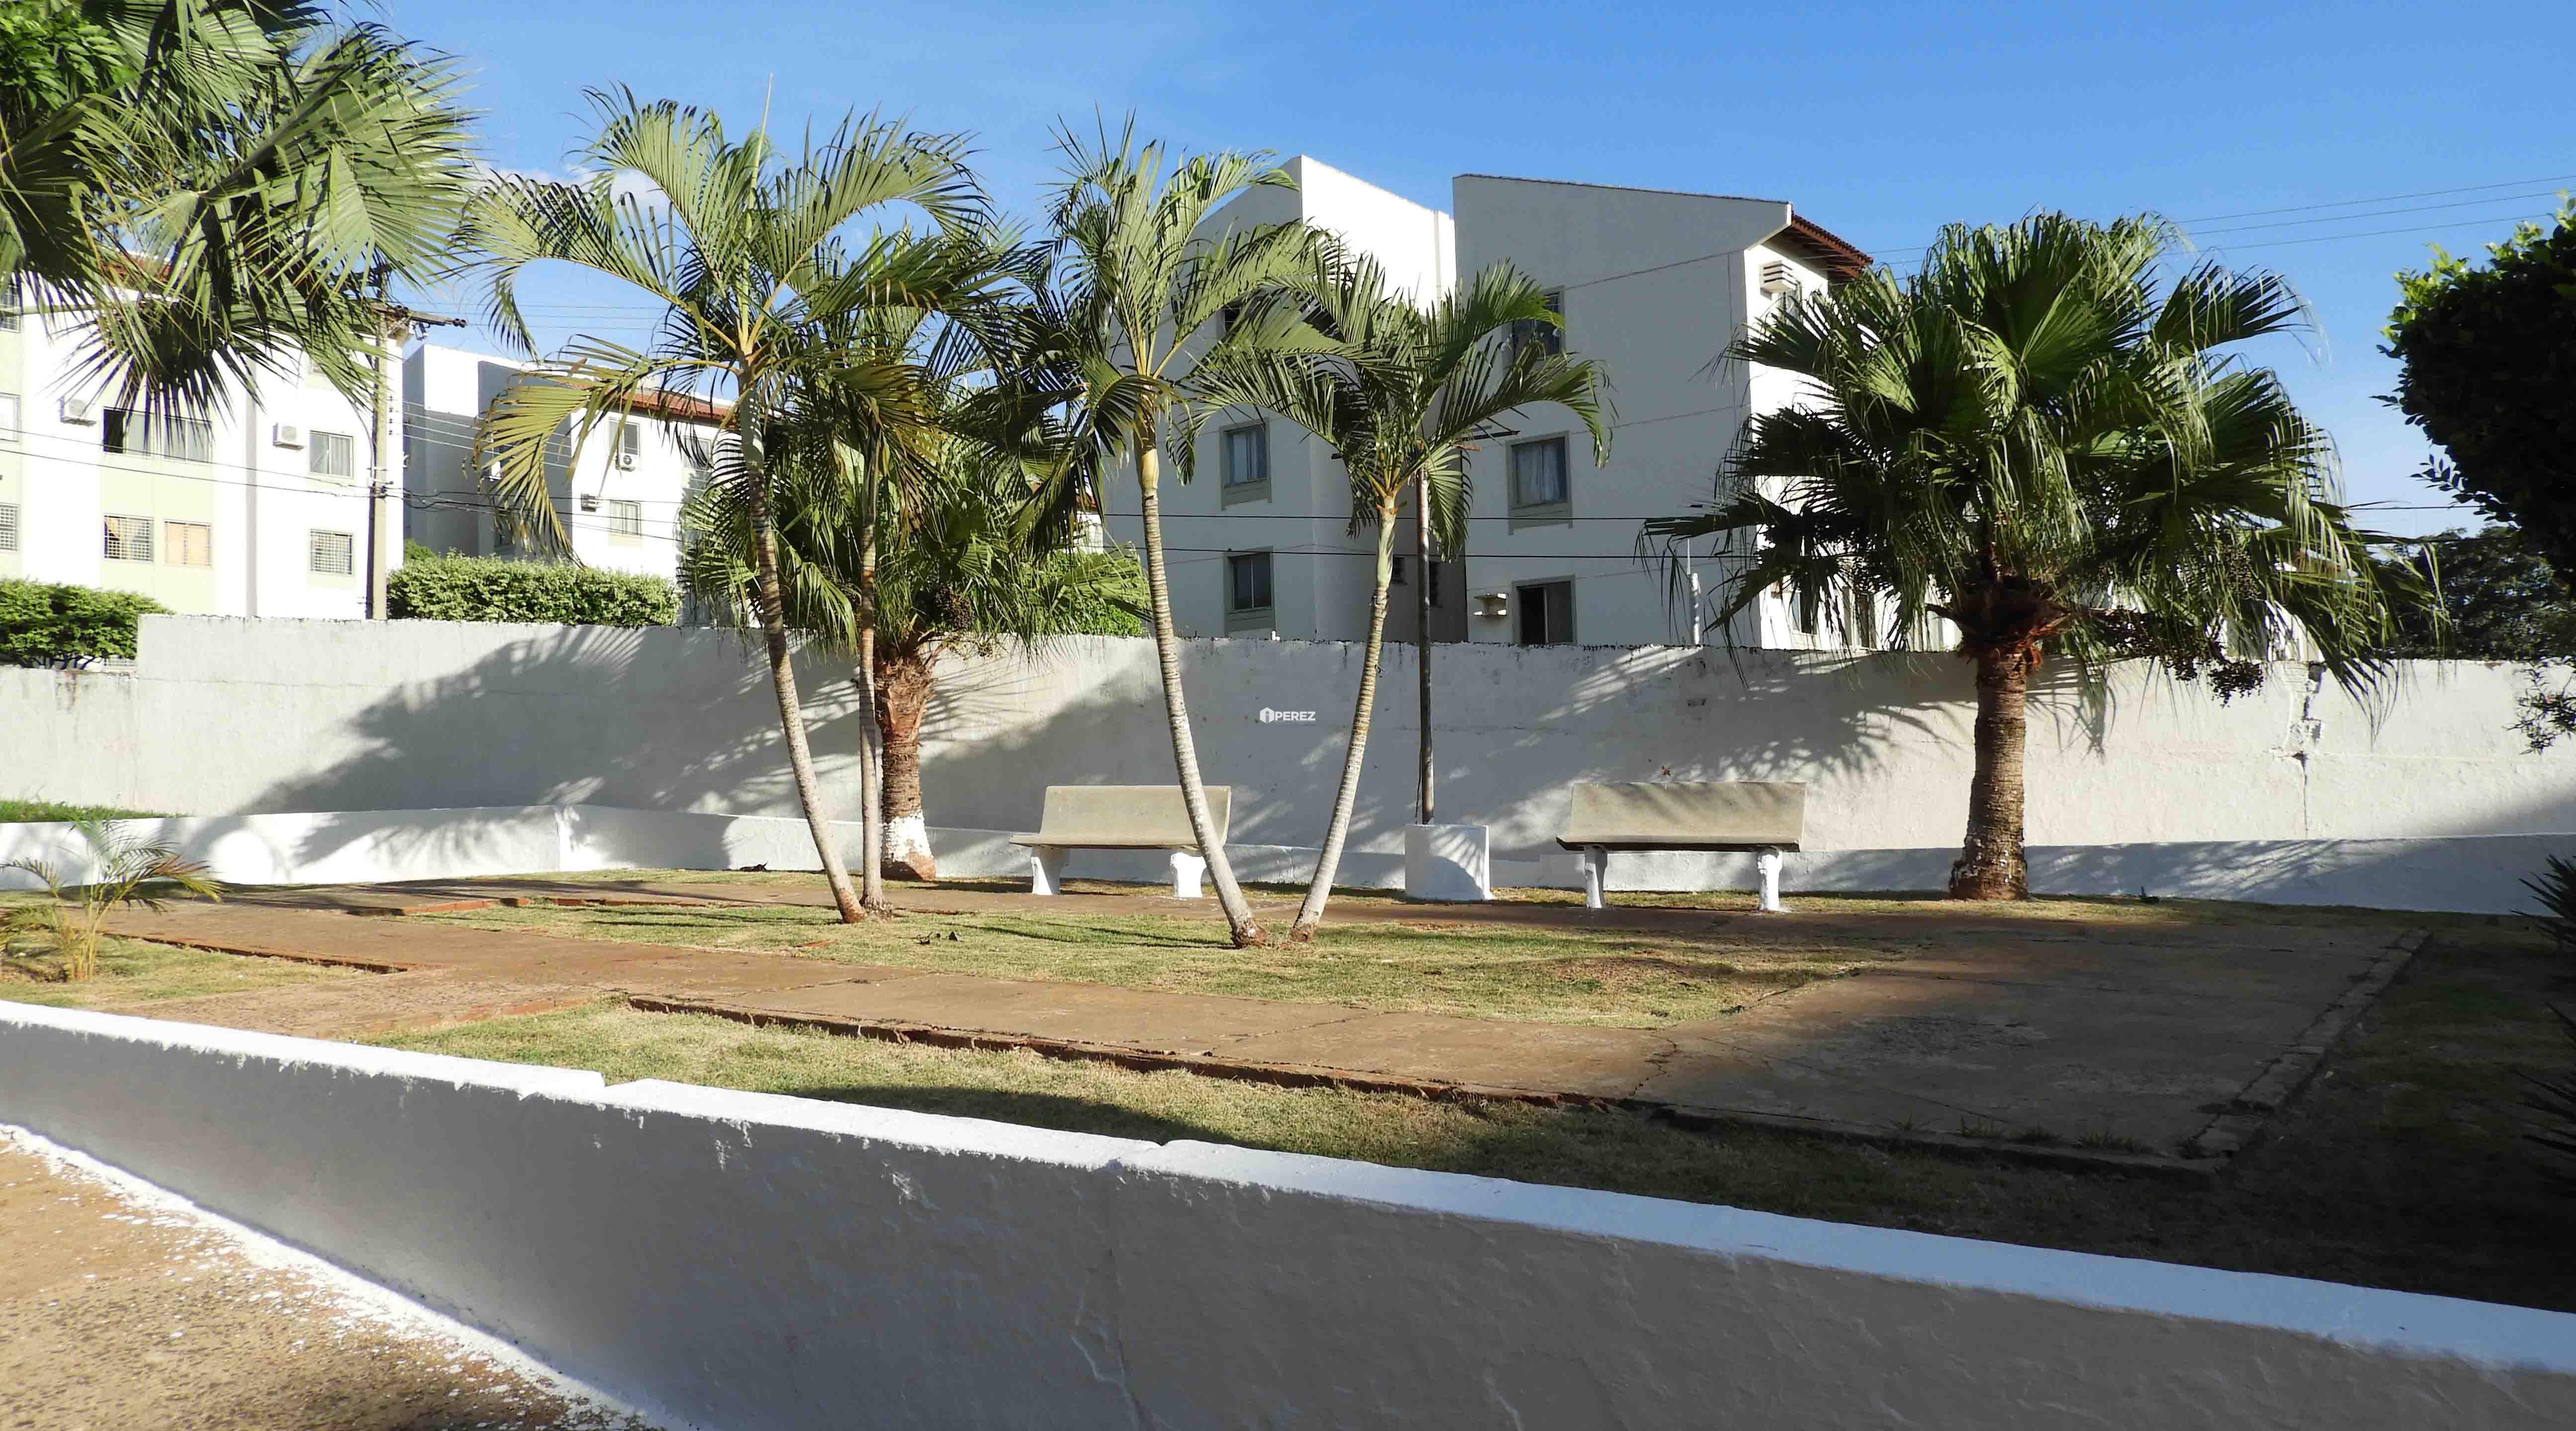 venda-campo-grande-ms-apartamento-quatorze-de-julho-monte-castelo-perez-imoveis